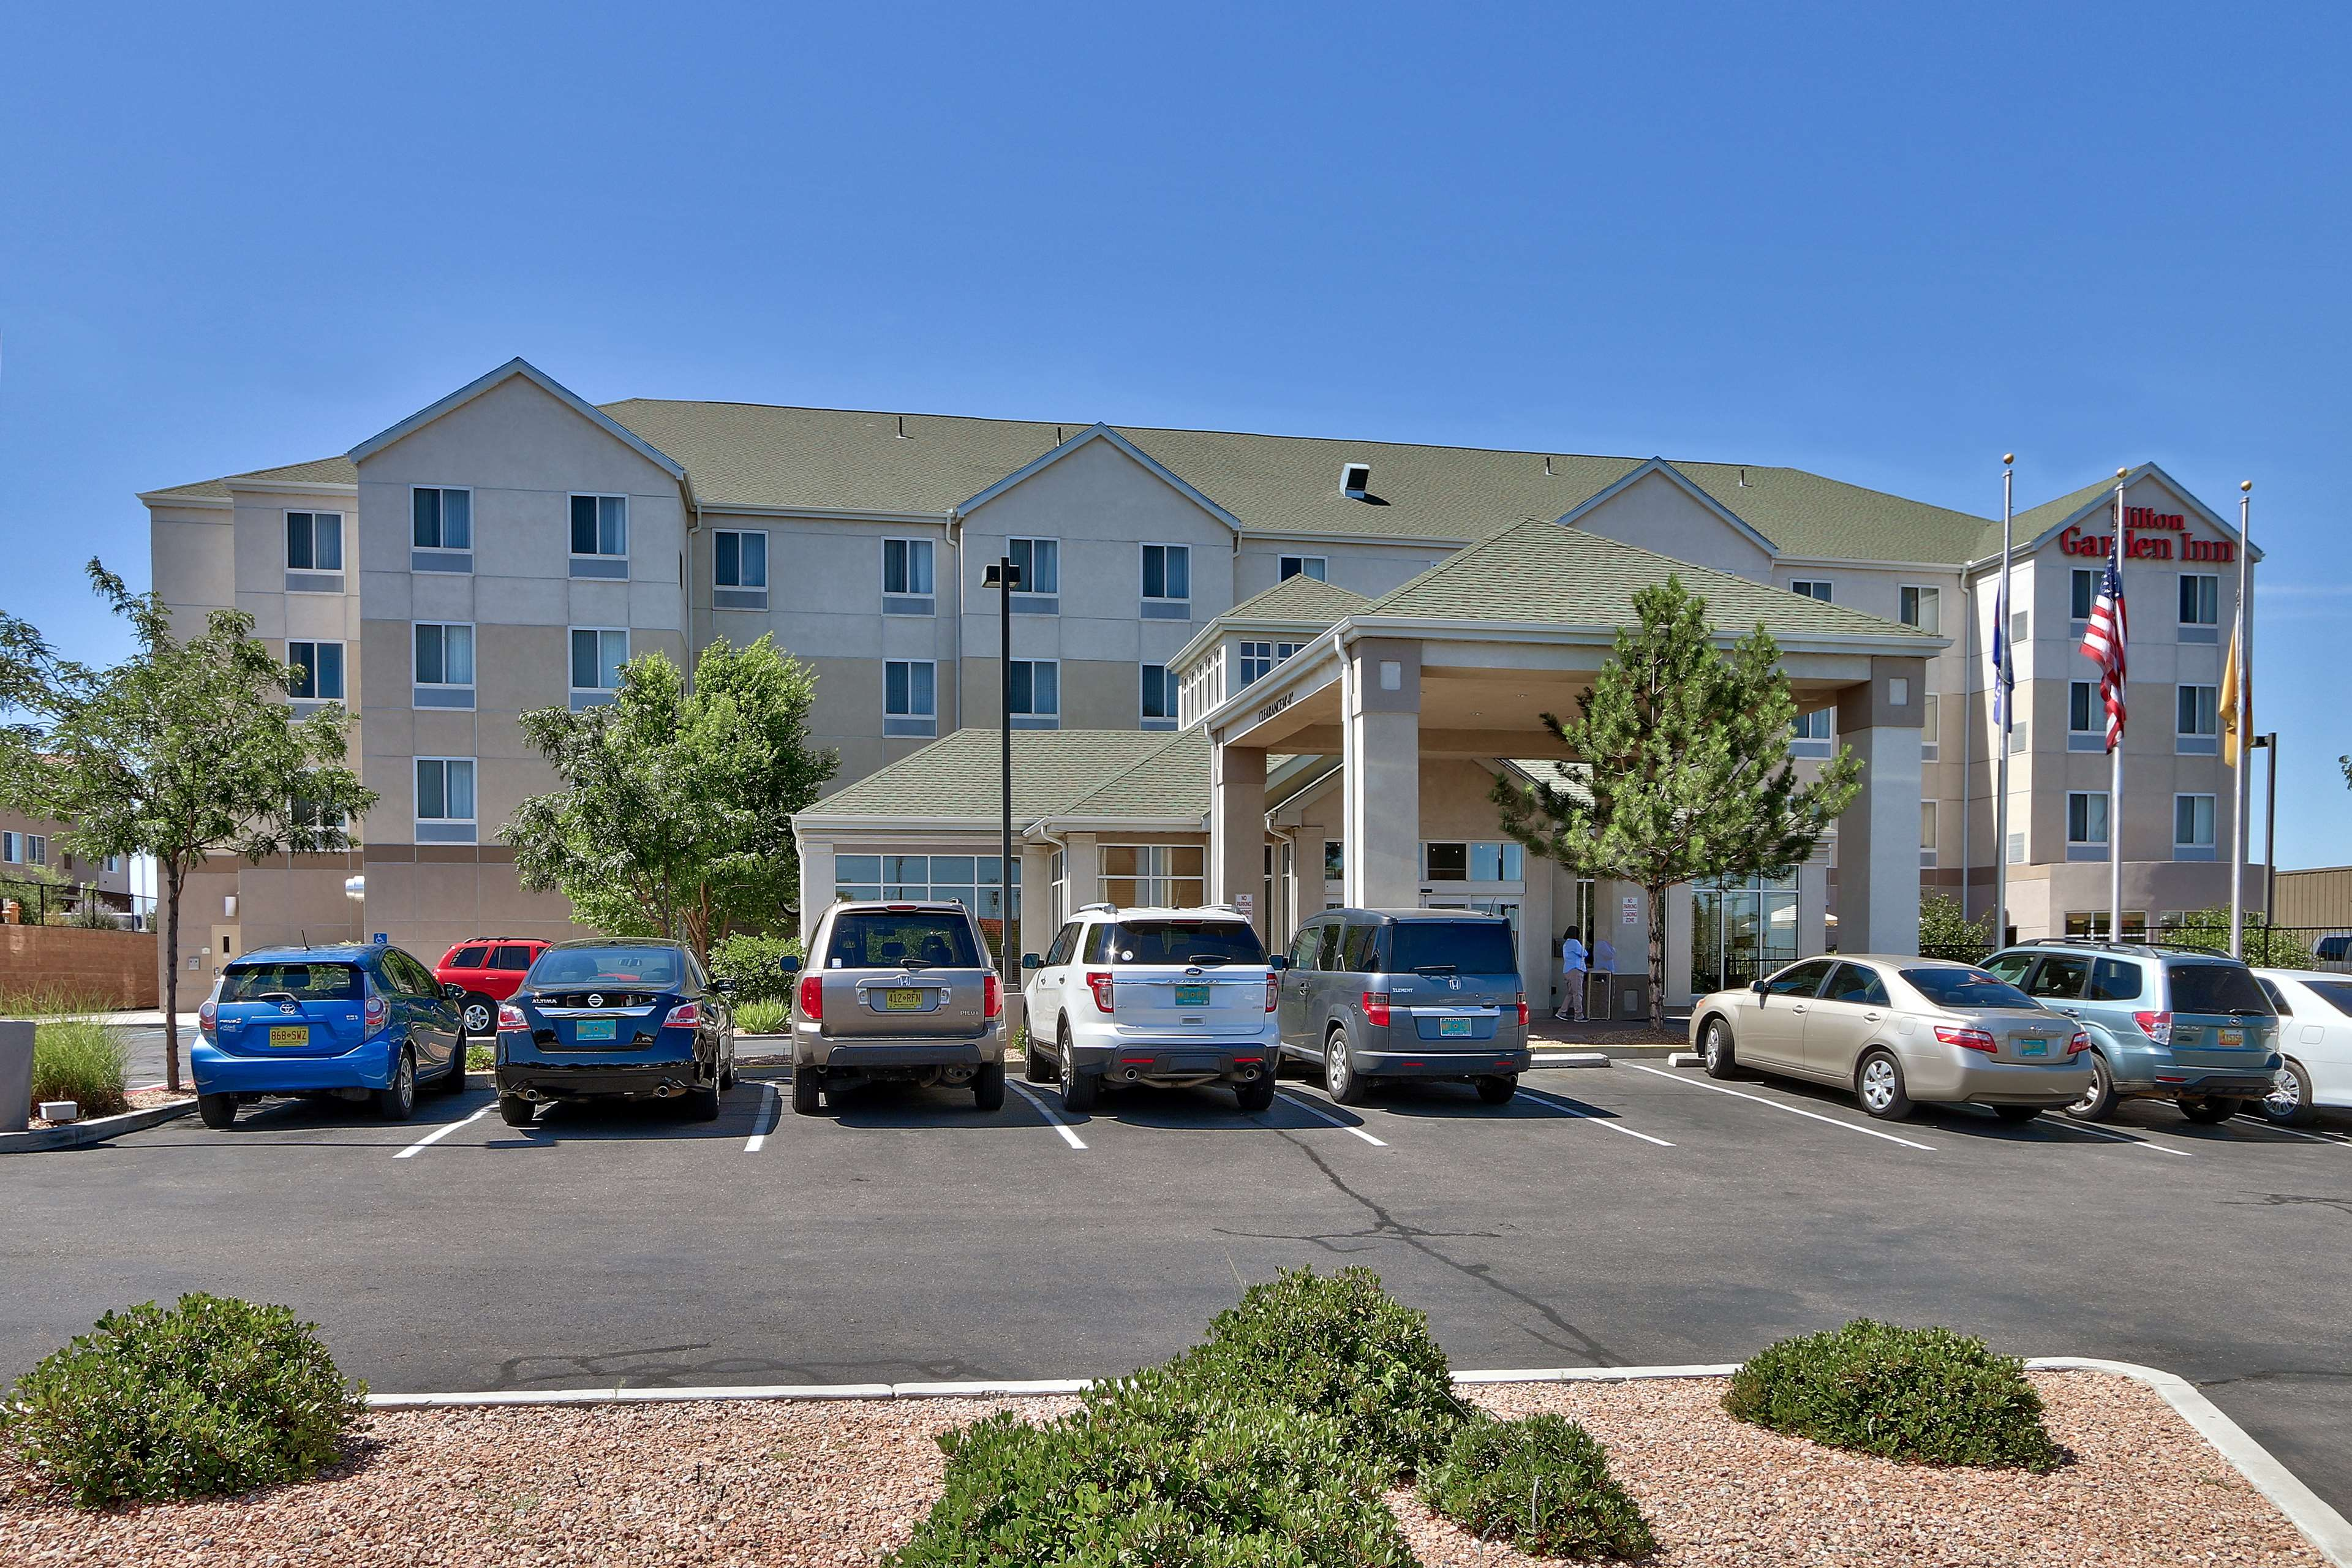 Hilton Garden Inn Albuquerque/Journal Center image 1